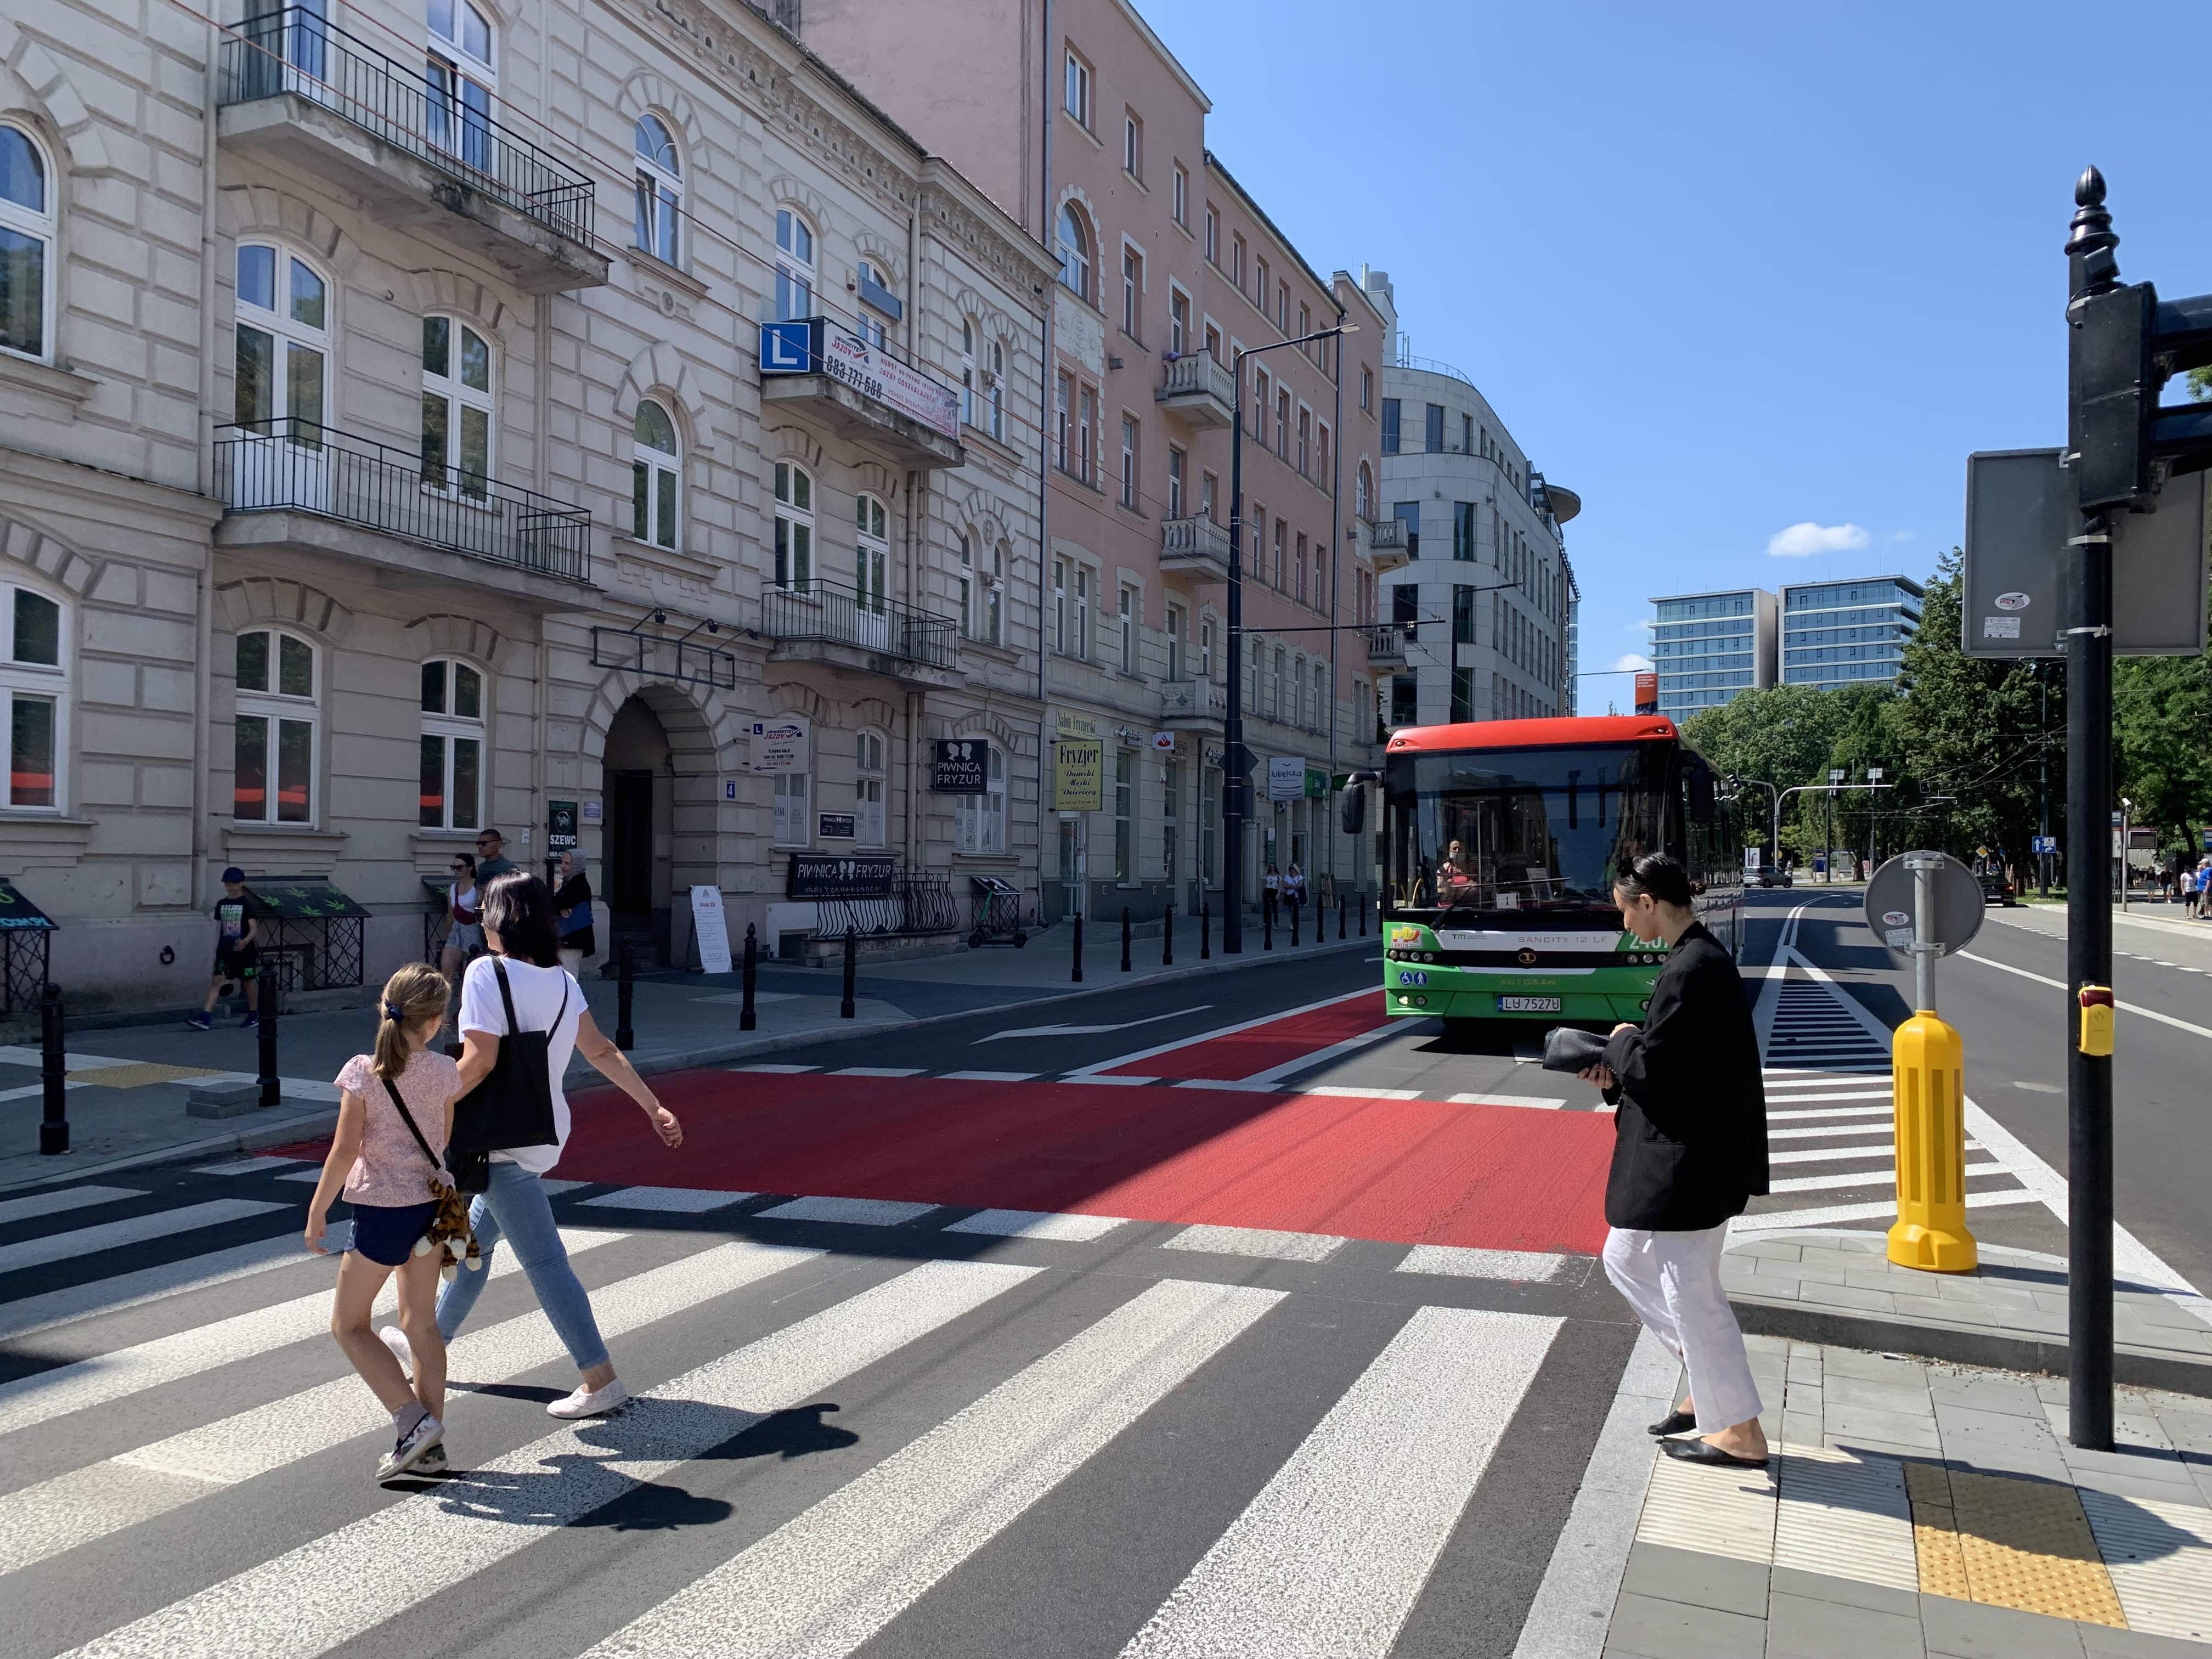 Lublin: Wielka przebudowa dobiega końca. Al. Racławickie prawie gotowe - Zdjęcie główne